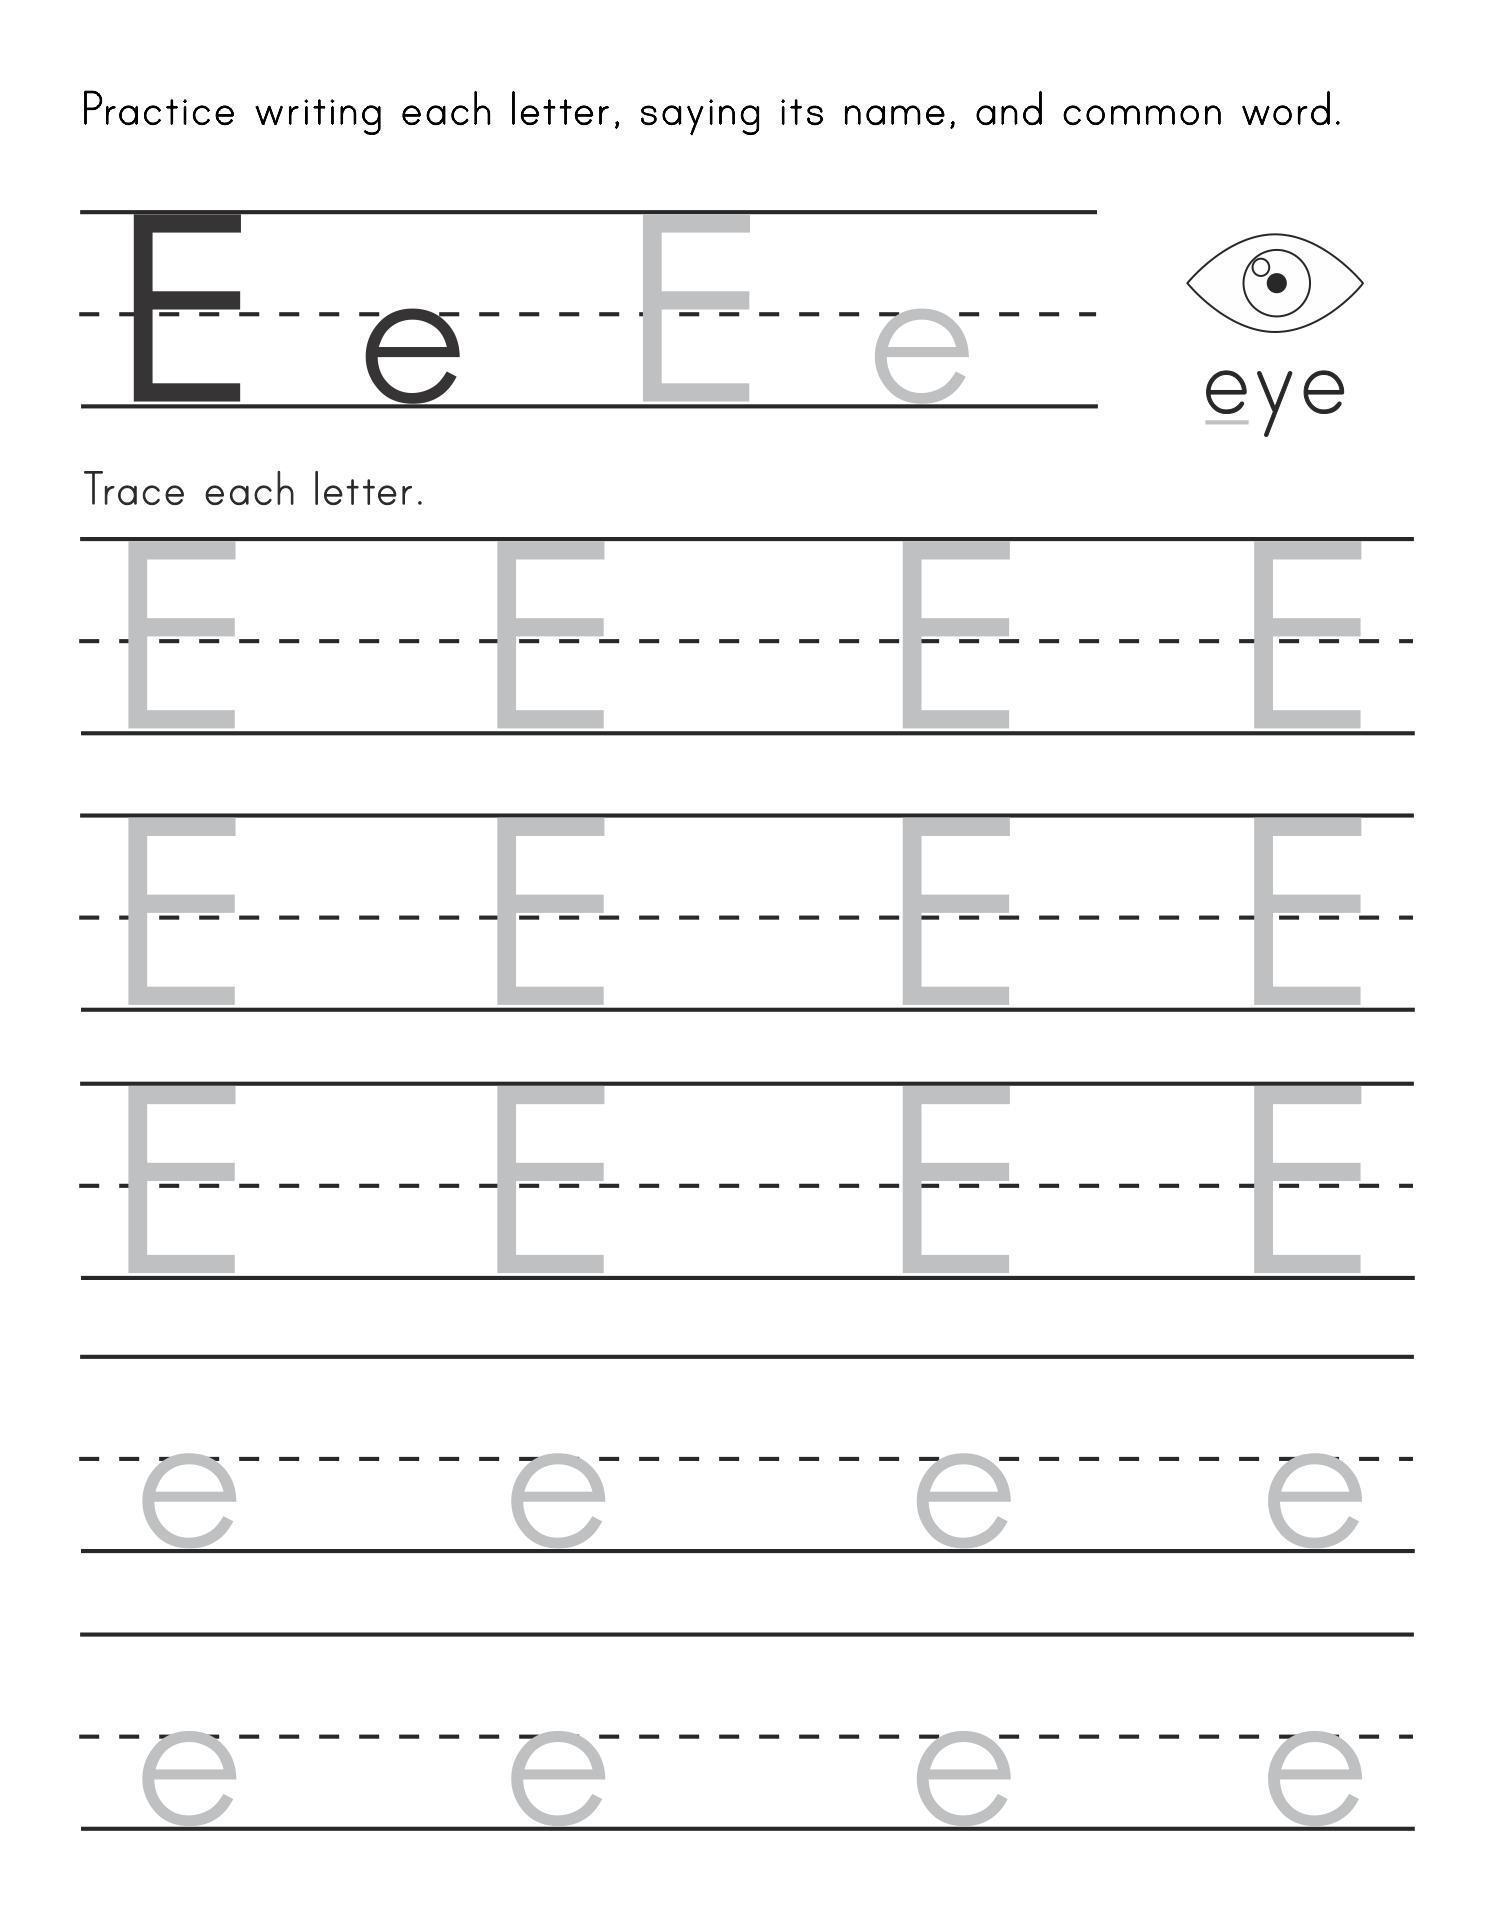 Printables Letter E Worksheets For Preschool number names worksheets for the letter e free preschool on e